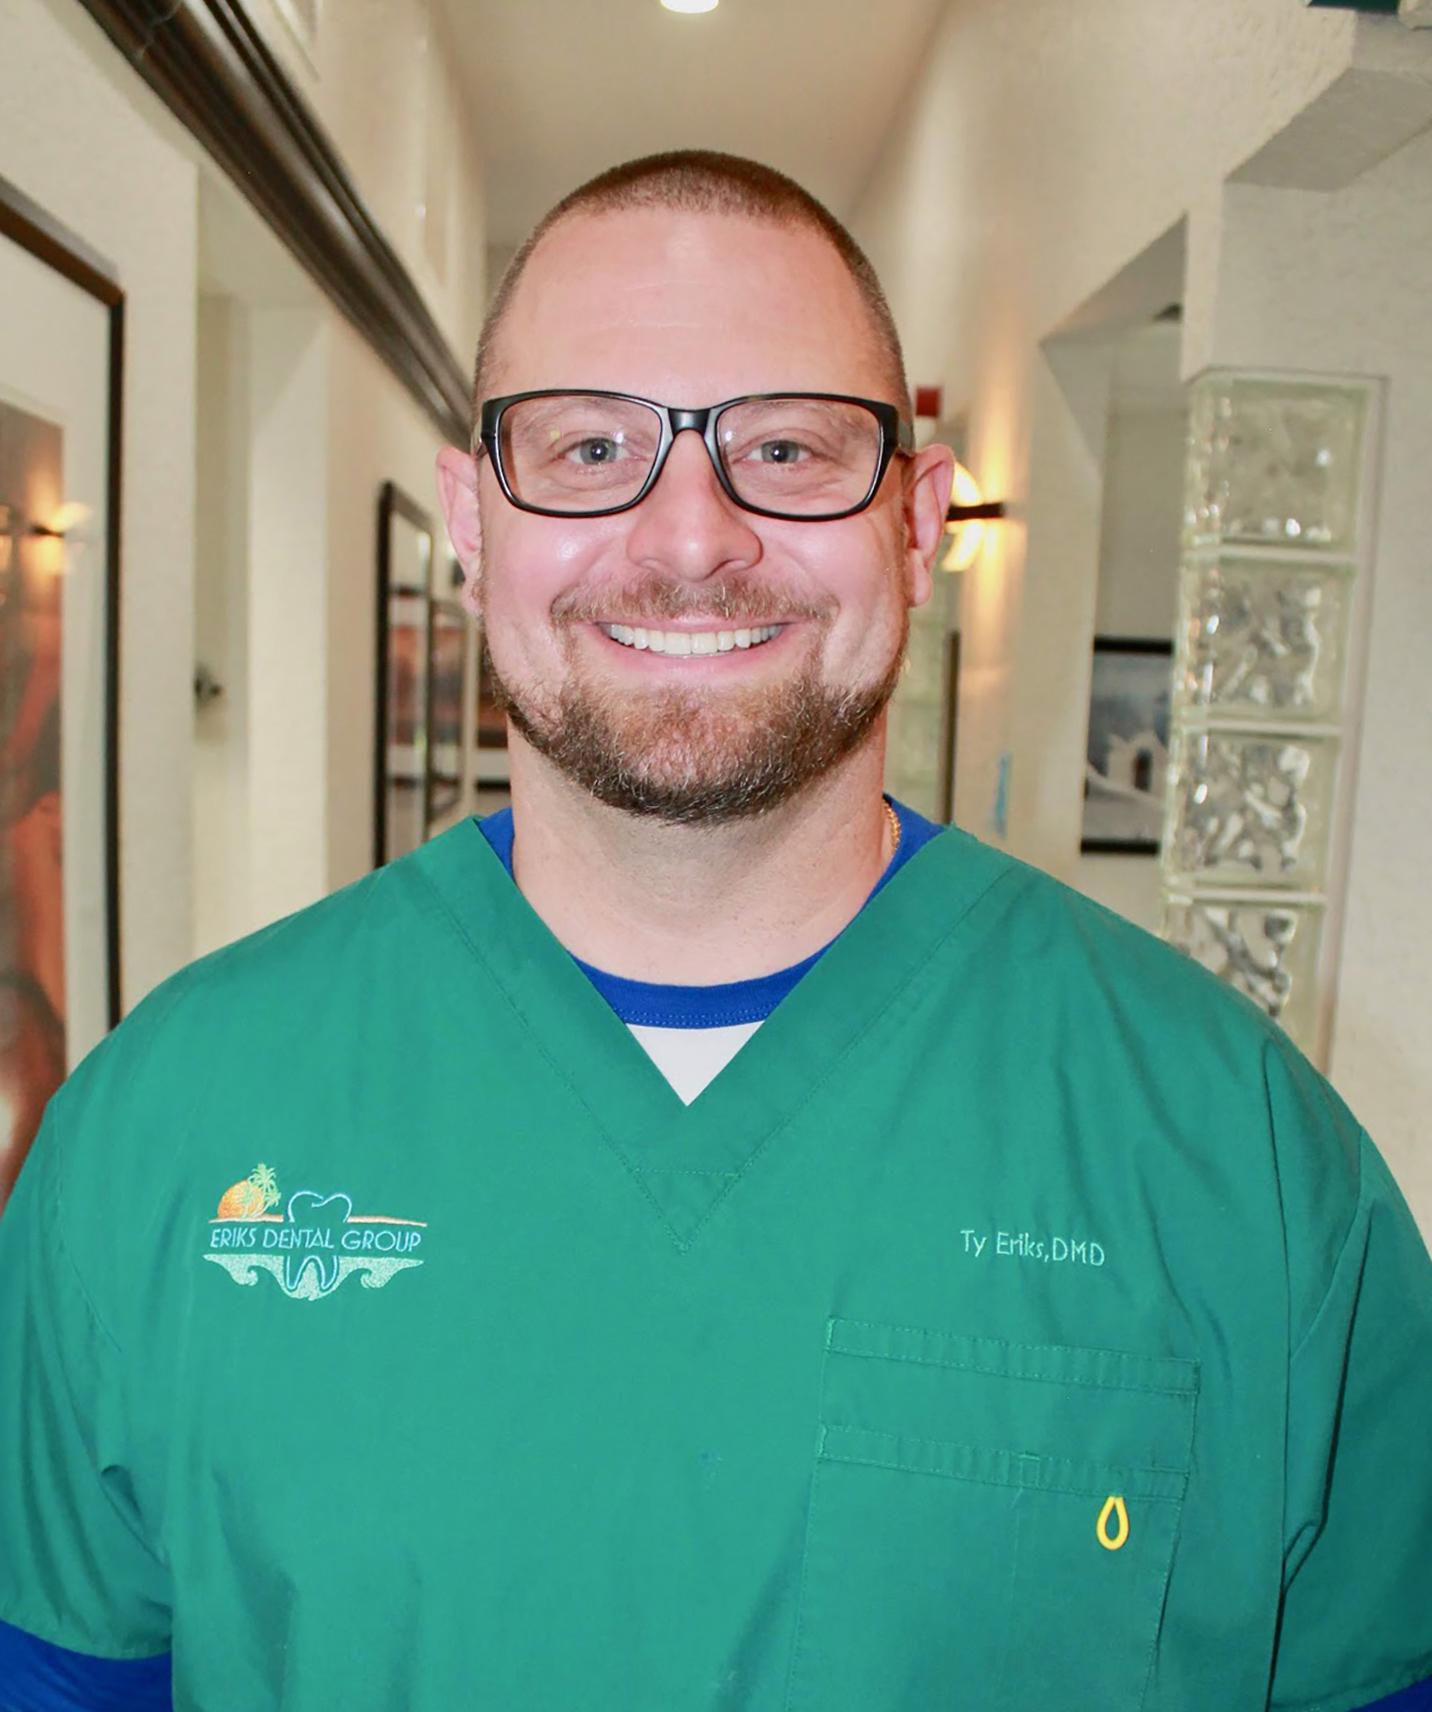 Boynton Beach Dentist - Dr. Ty Eriks